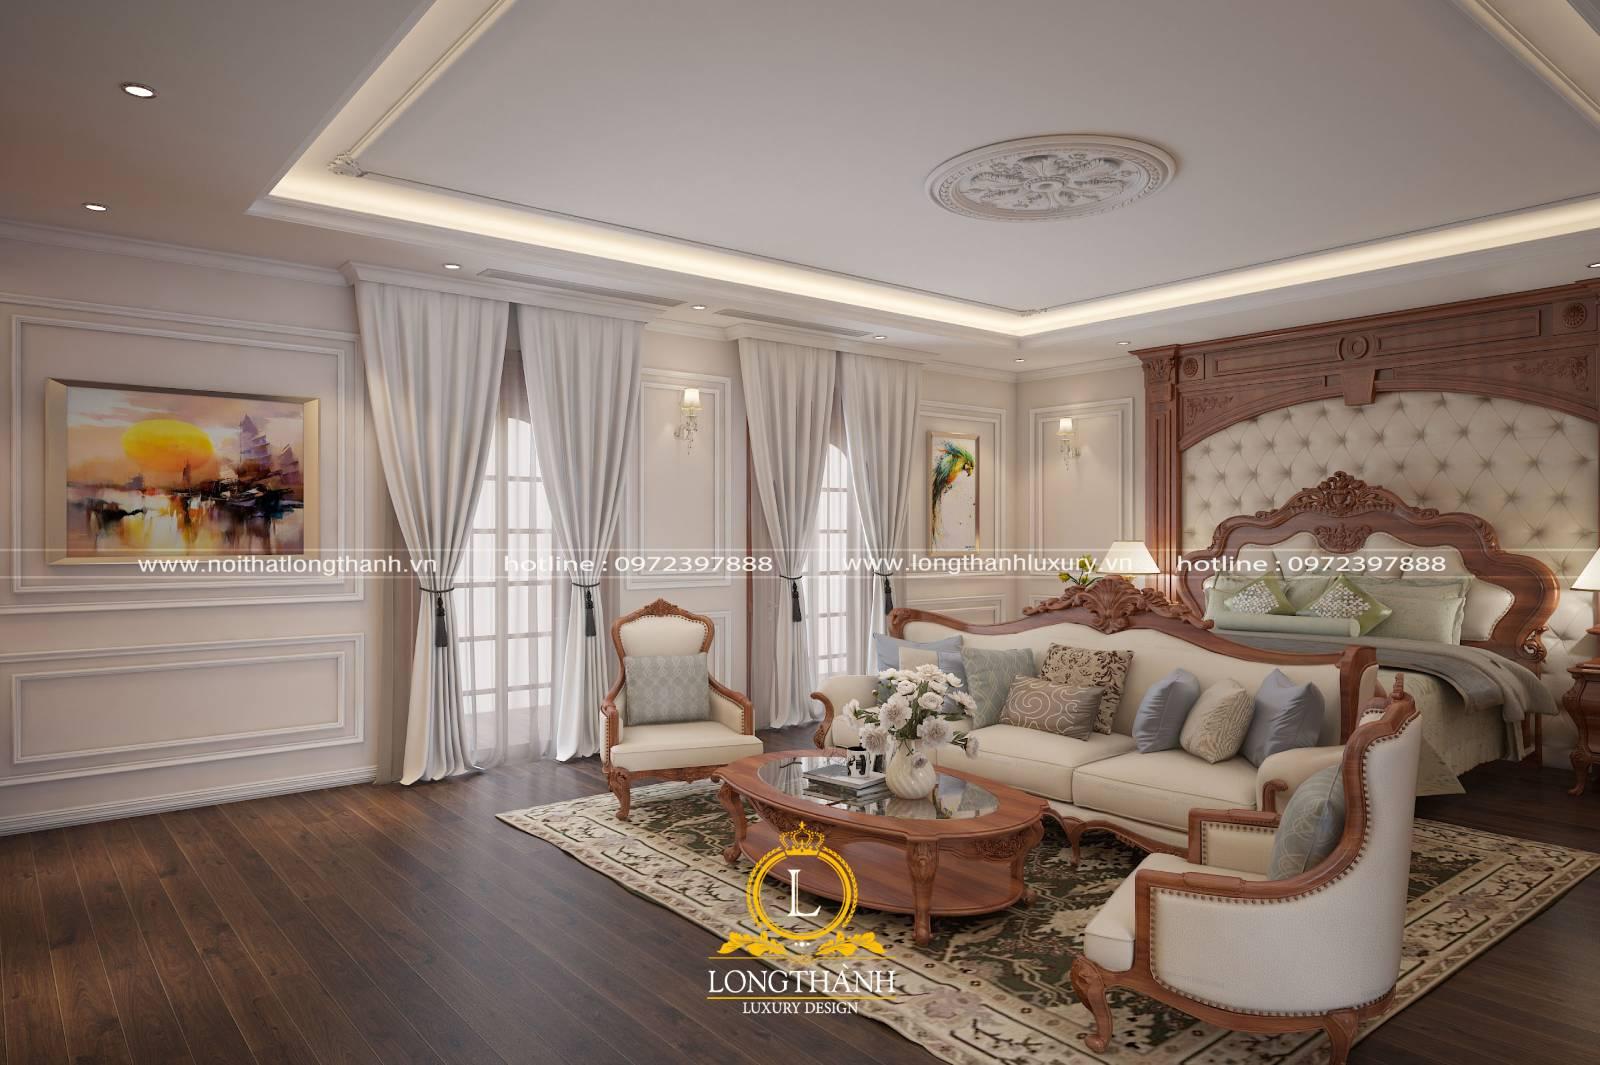 Trần thạch cao tân cổ điển cho phòng ngủ biệt thự rộng